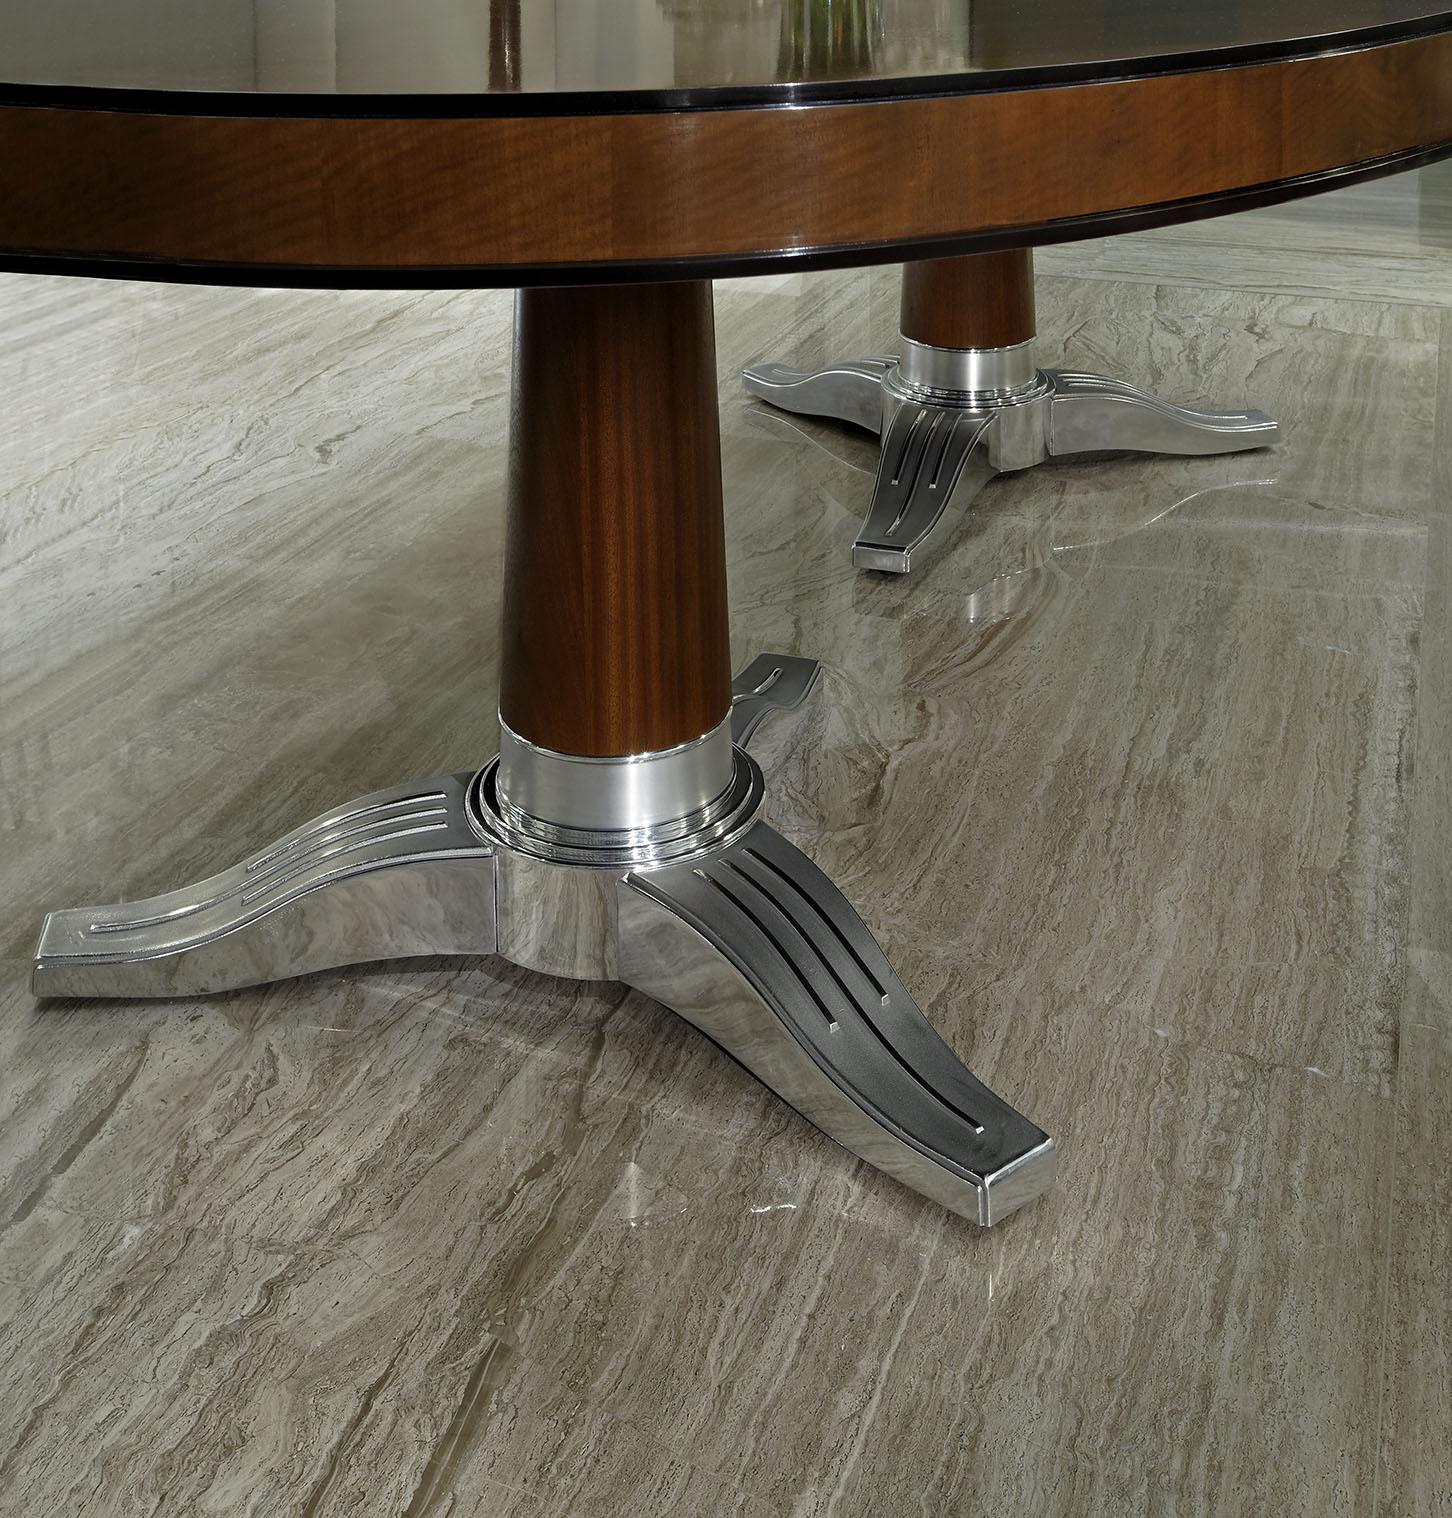 8_Table Leg Detail.jpg